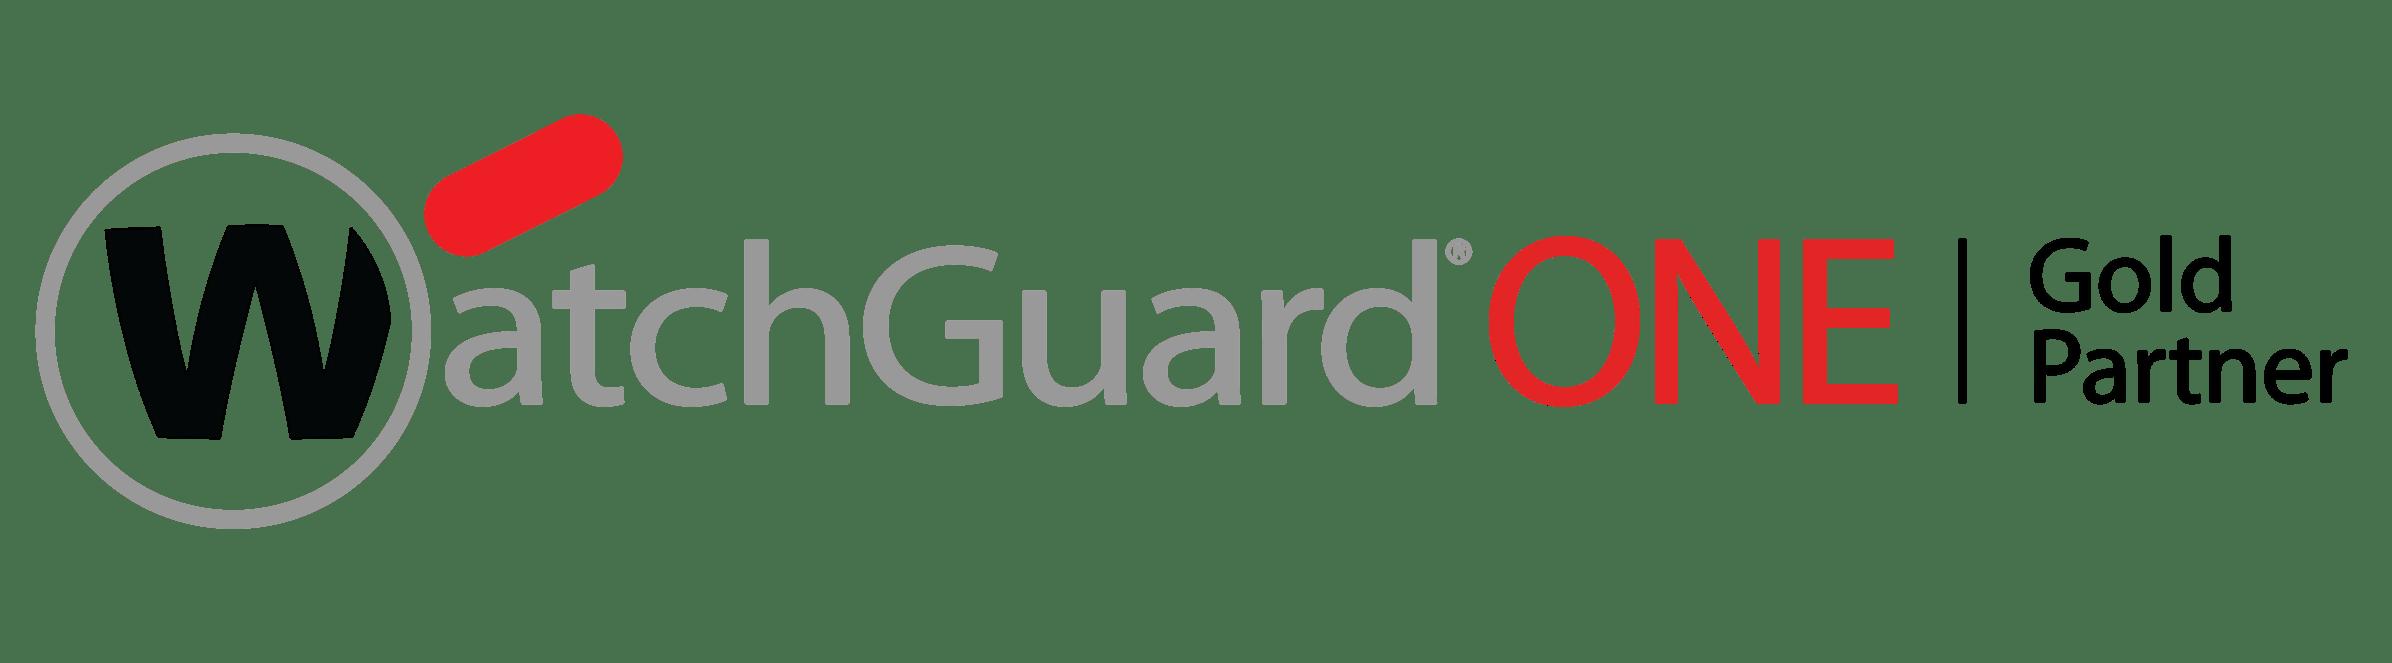 Watch Guard Gold Partner Net Complex